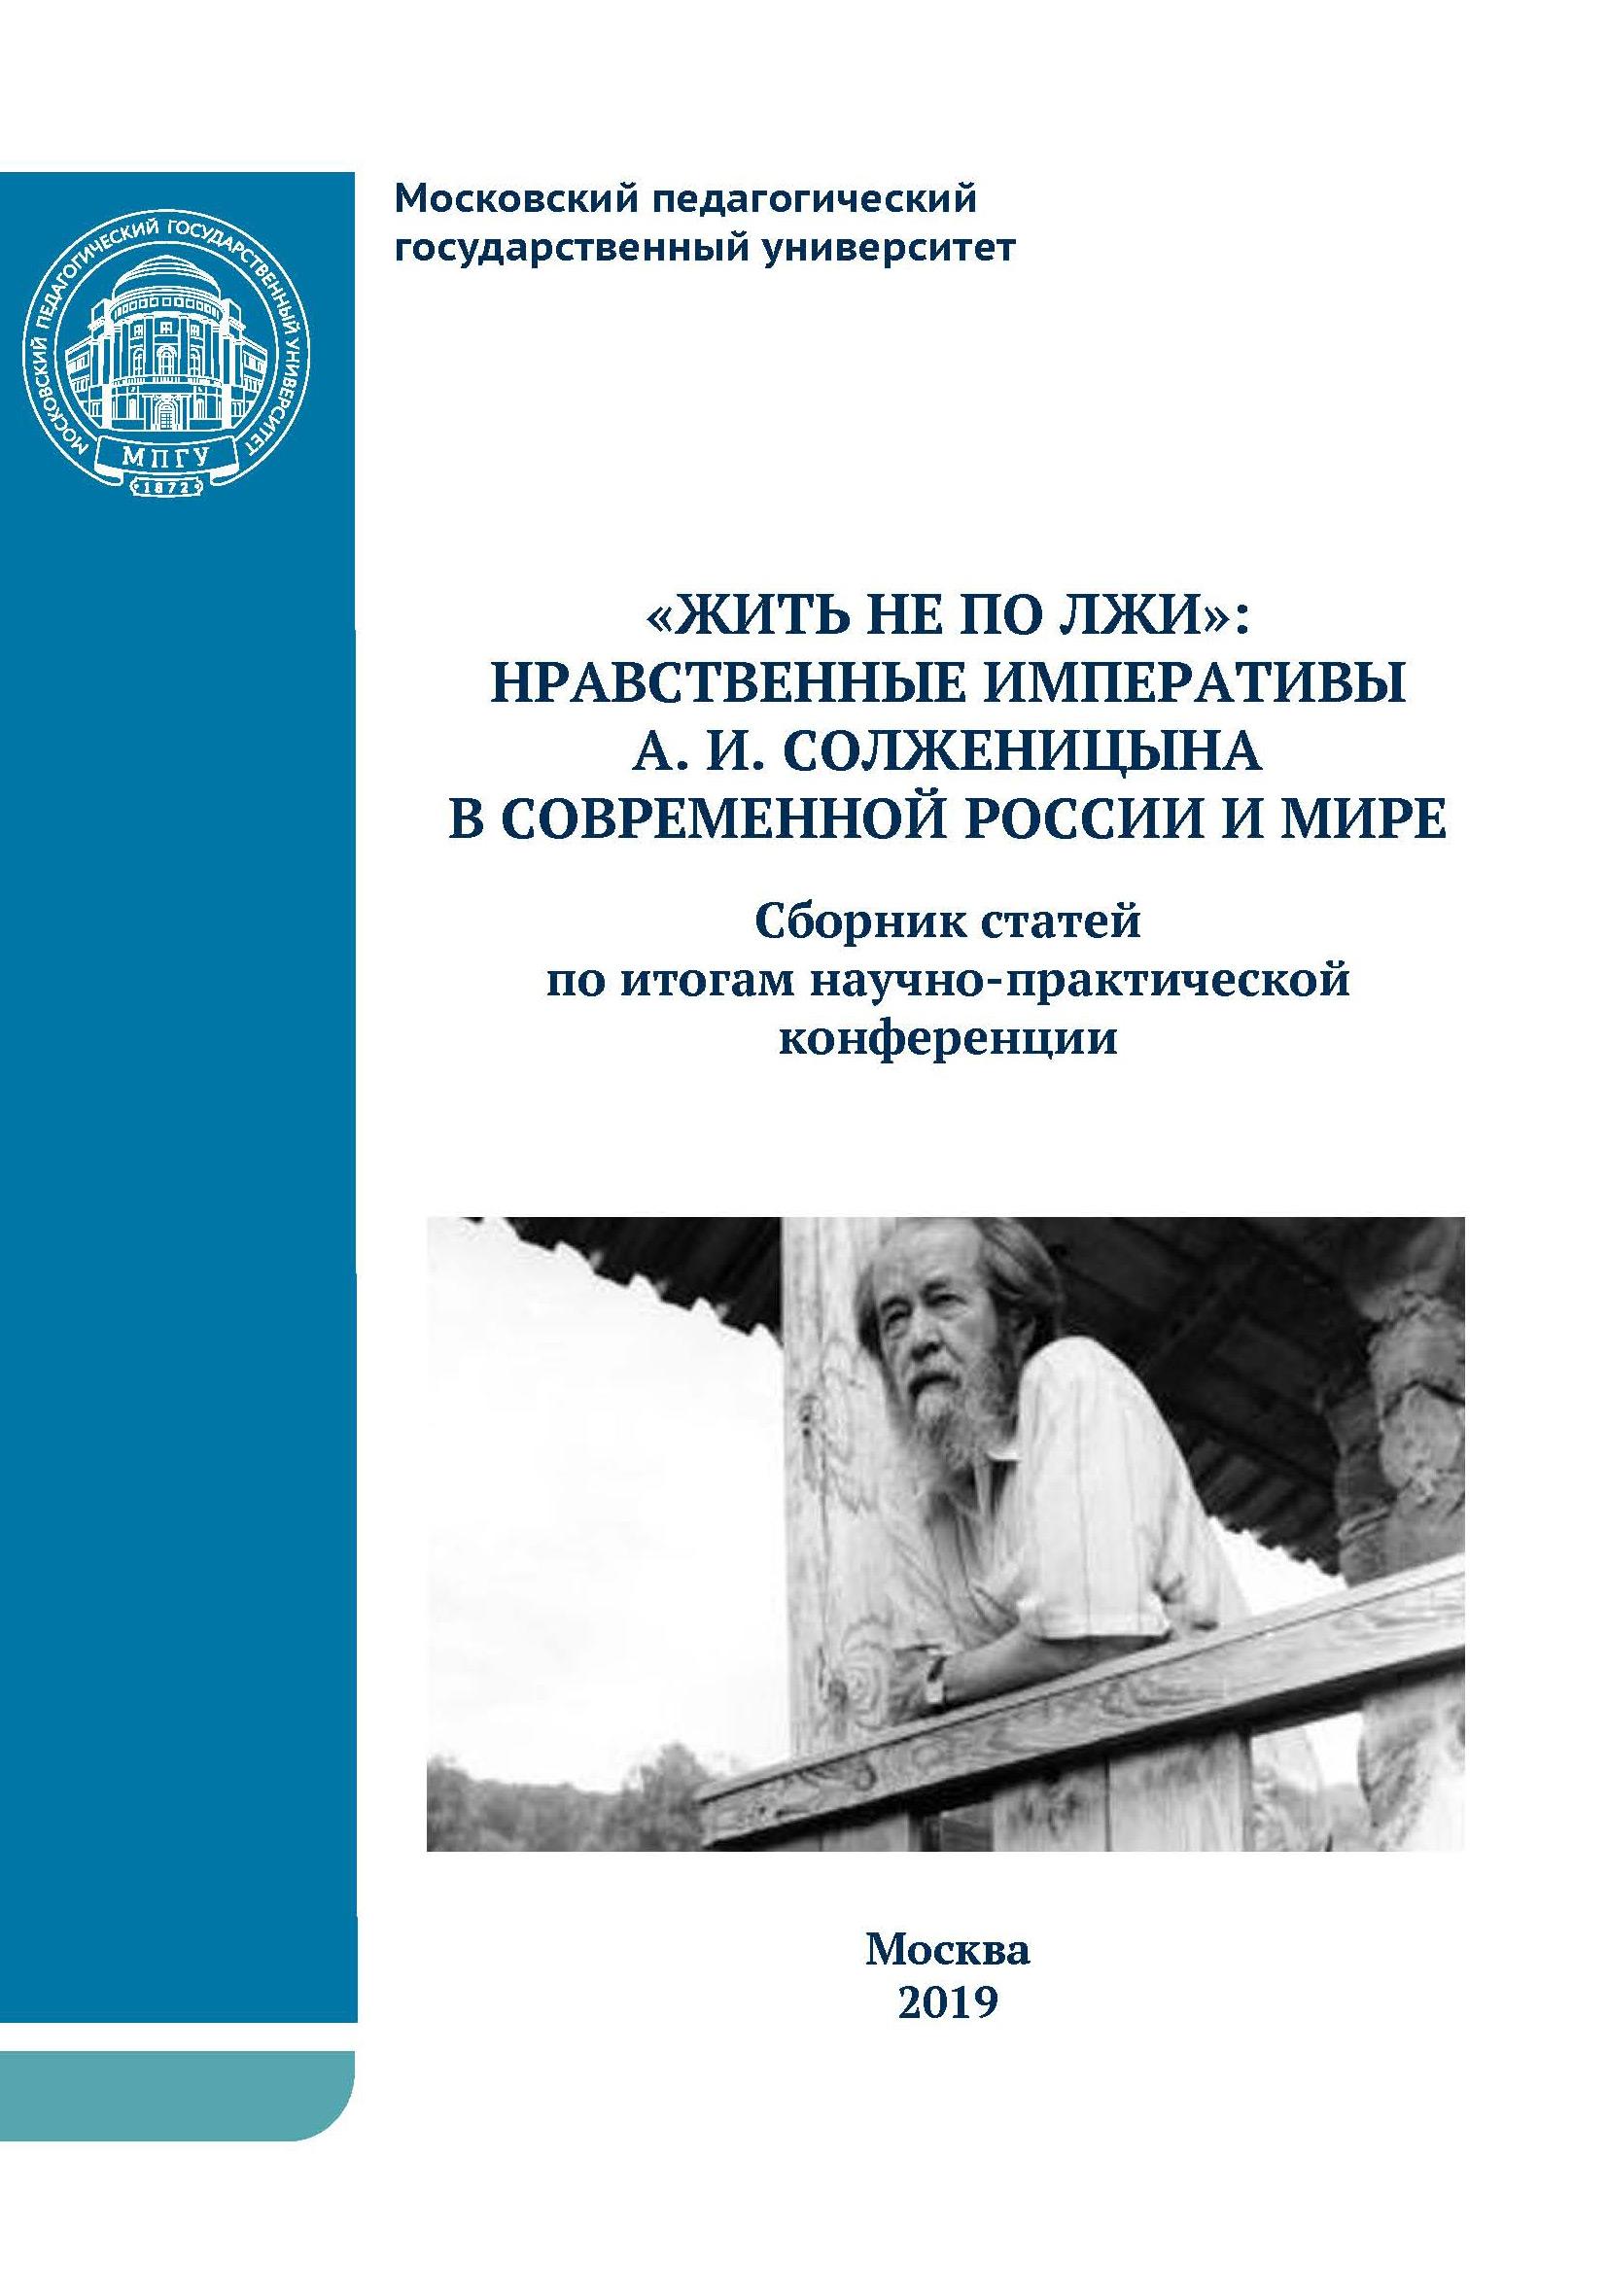 «Жить не по лжи»: нравственные императивы А.И. Солженицына в современной России и мире